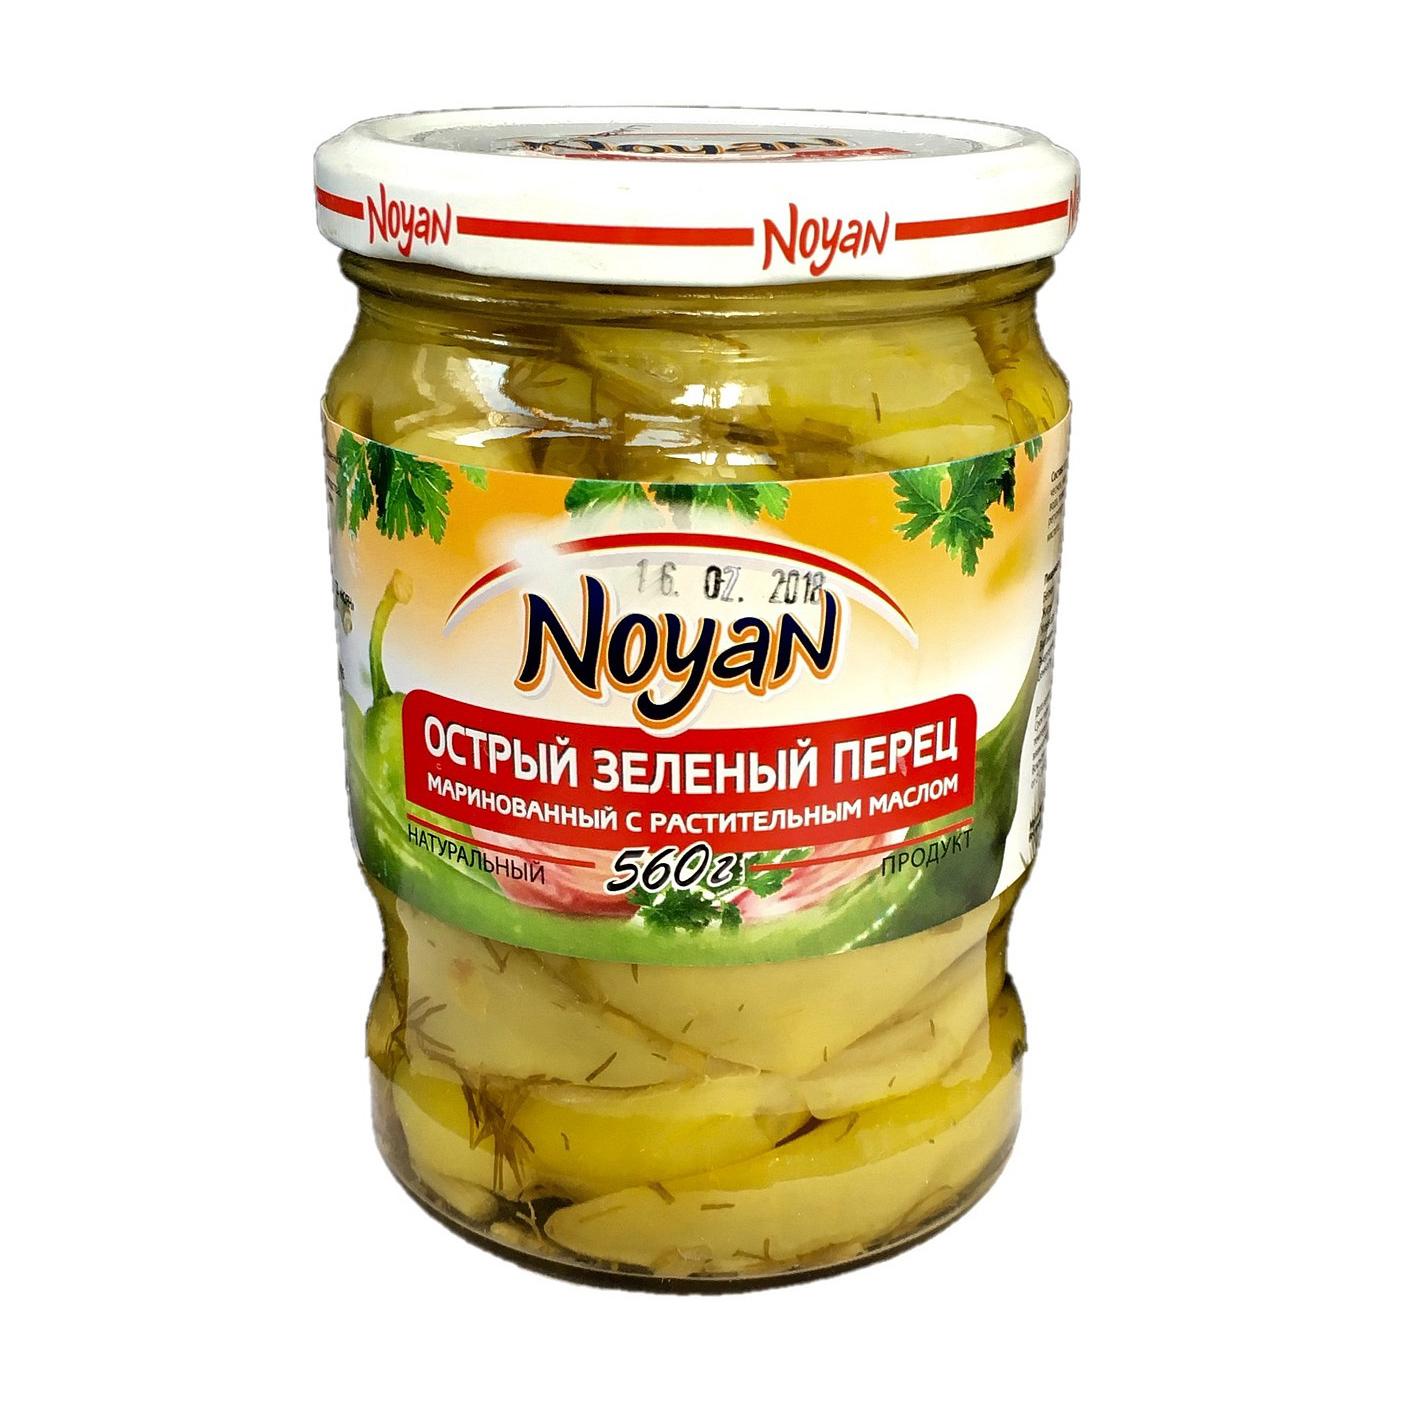 Зеленый перец Noyan маринованный 560 г баклажаны жареные noyan с черносливом в томатном соусе 560 г